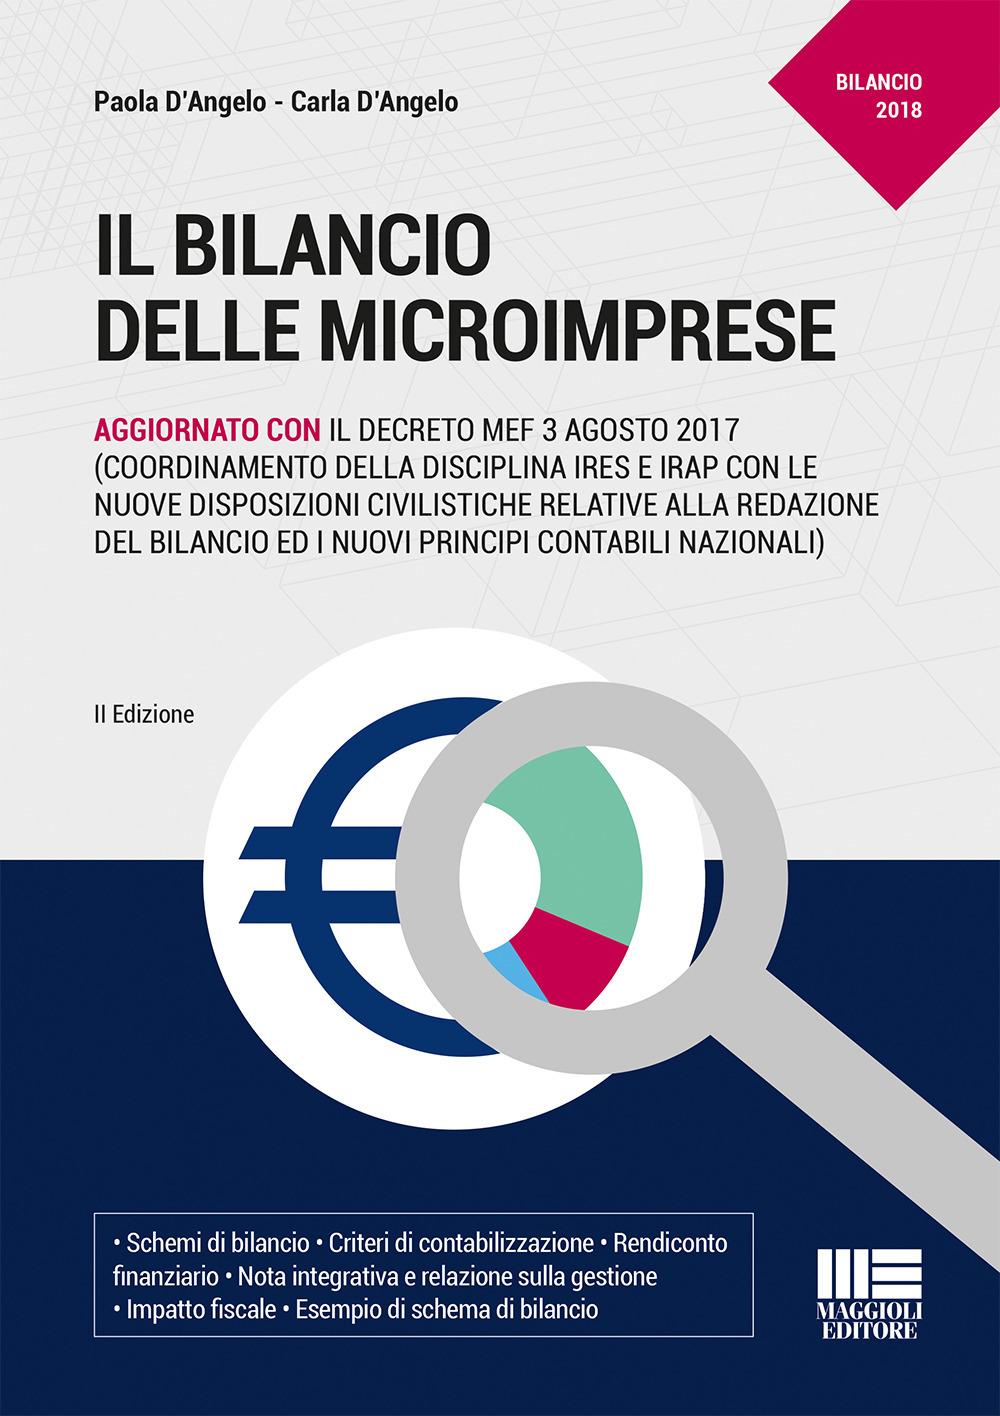 Image of Il bilancio delle microimprese